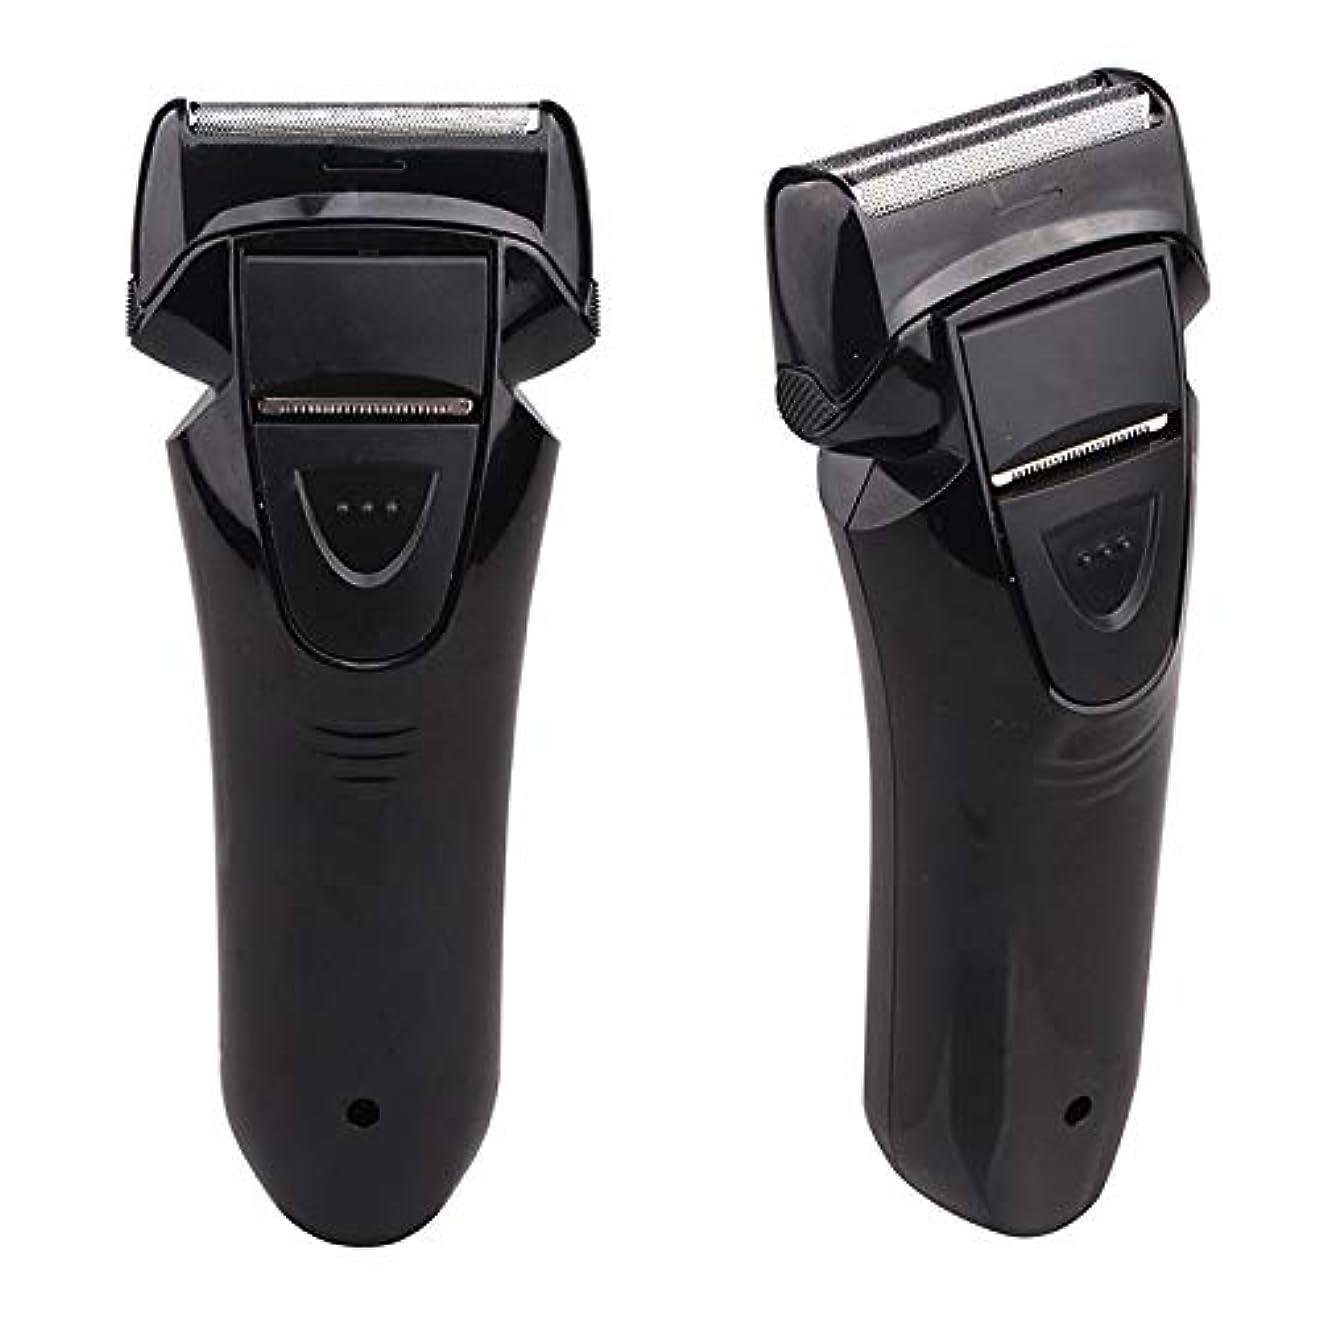 流星無限クリックメンズシェーバー Vegetable(ベジタブル) アダプター&USB充電式2枚刃シェーバー GD-S206